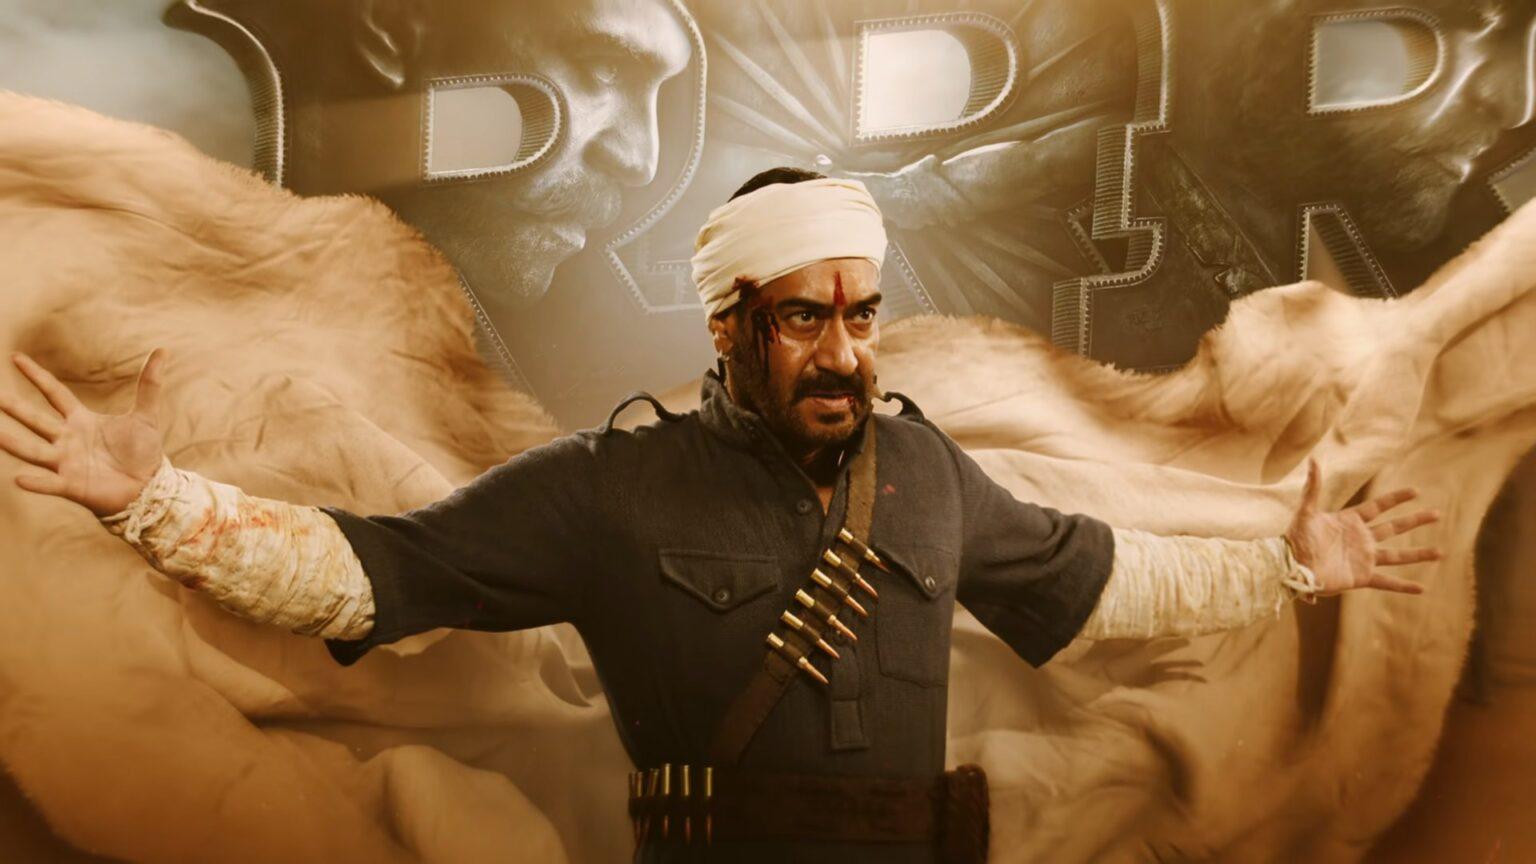 अजयको जन्मदिनमा 'आर आर आर'को फर्स्टलुक  सार्वजनिक, ४७५ करोडमा फिल्म विक्री